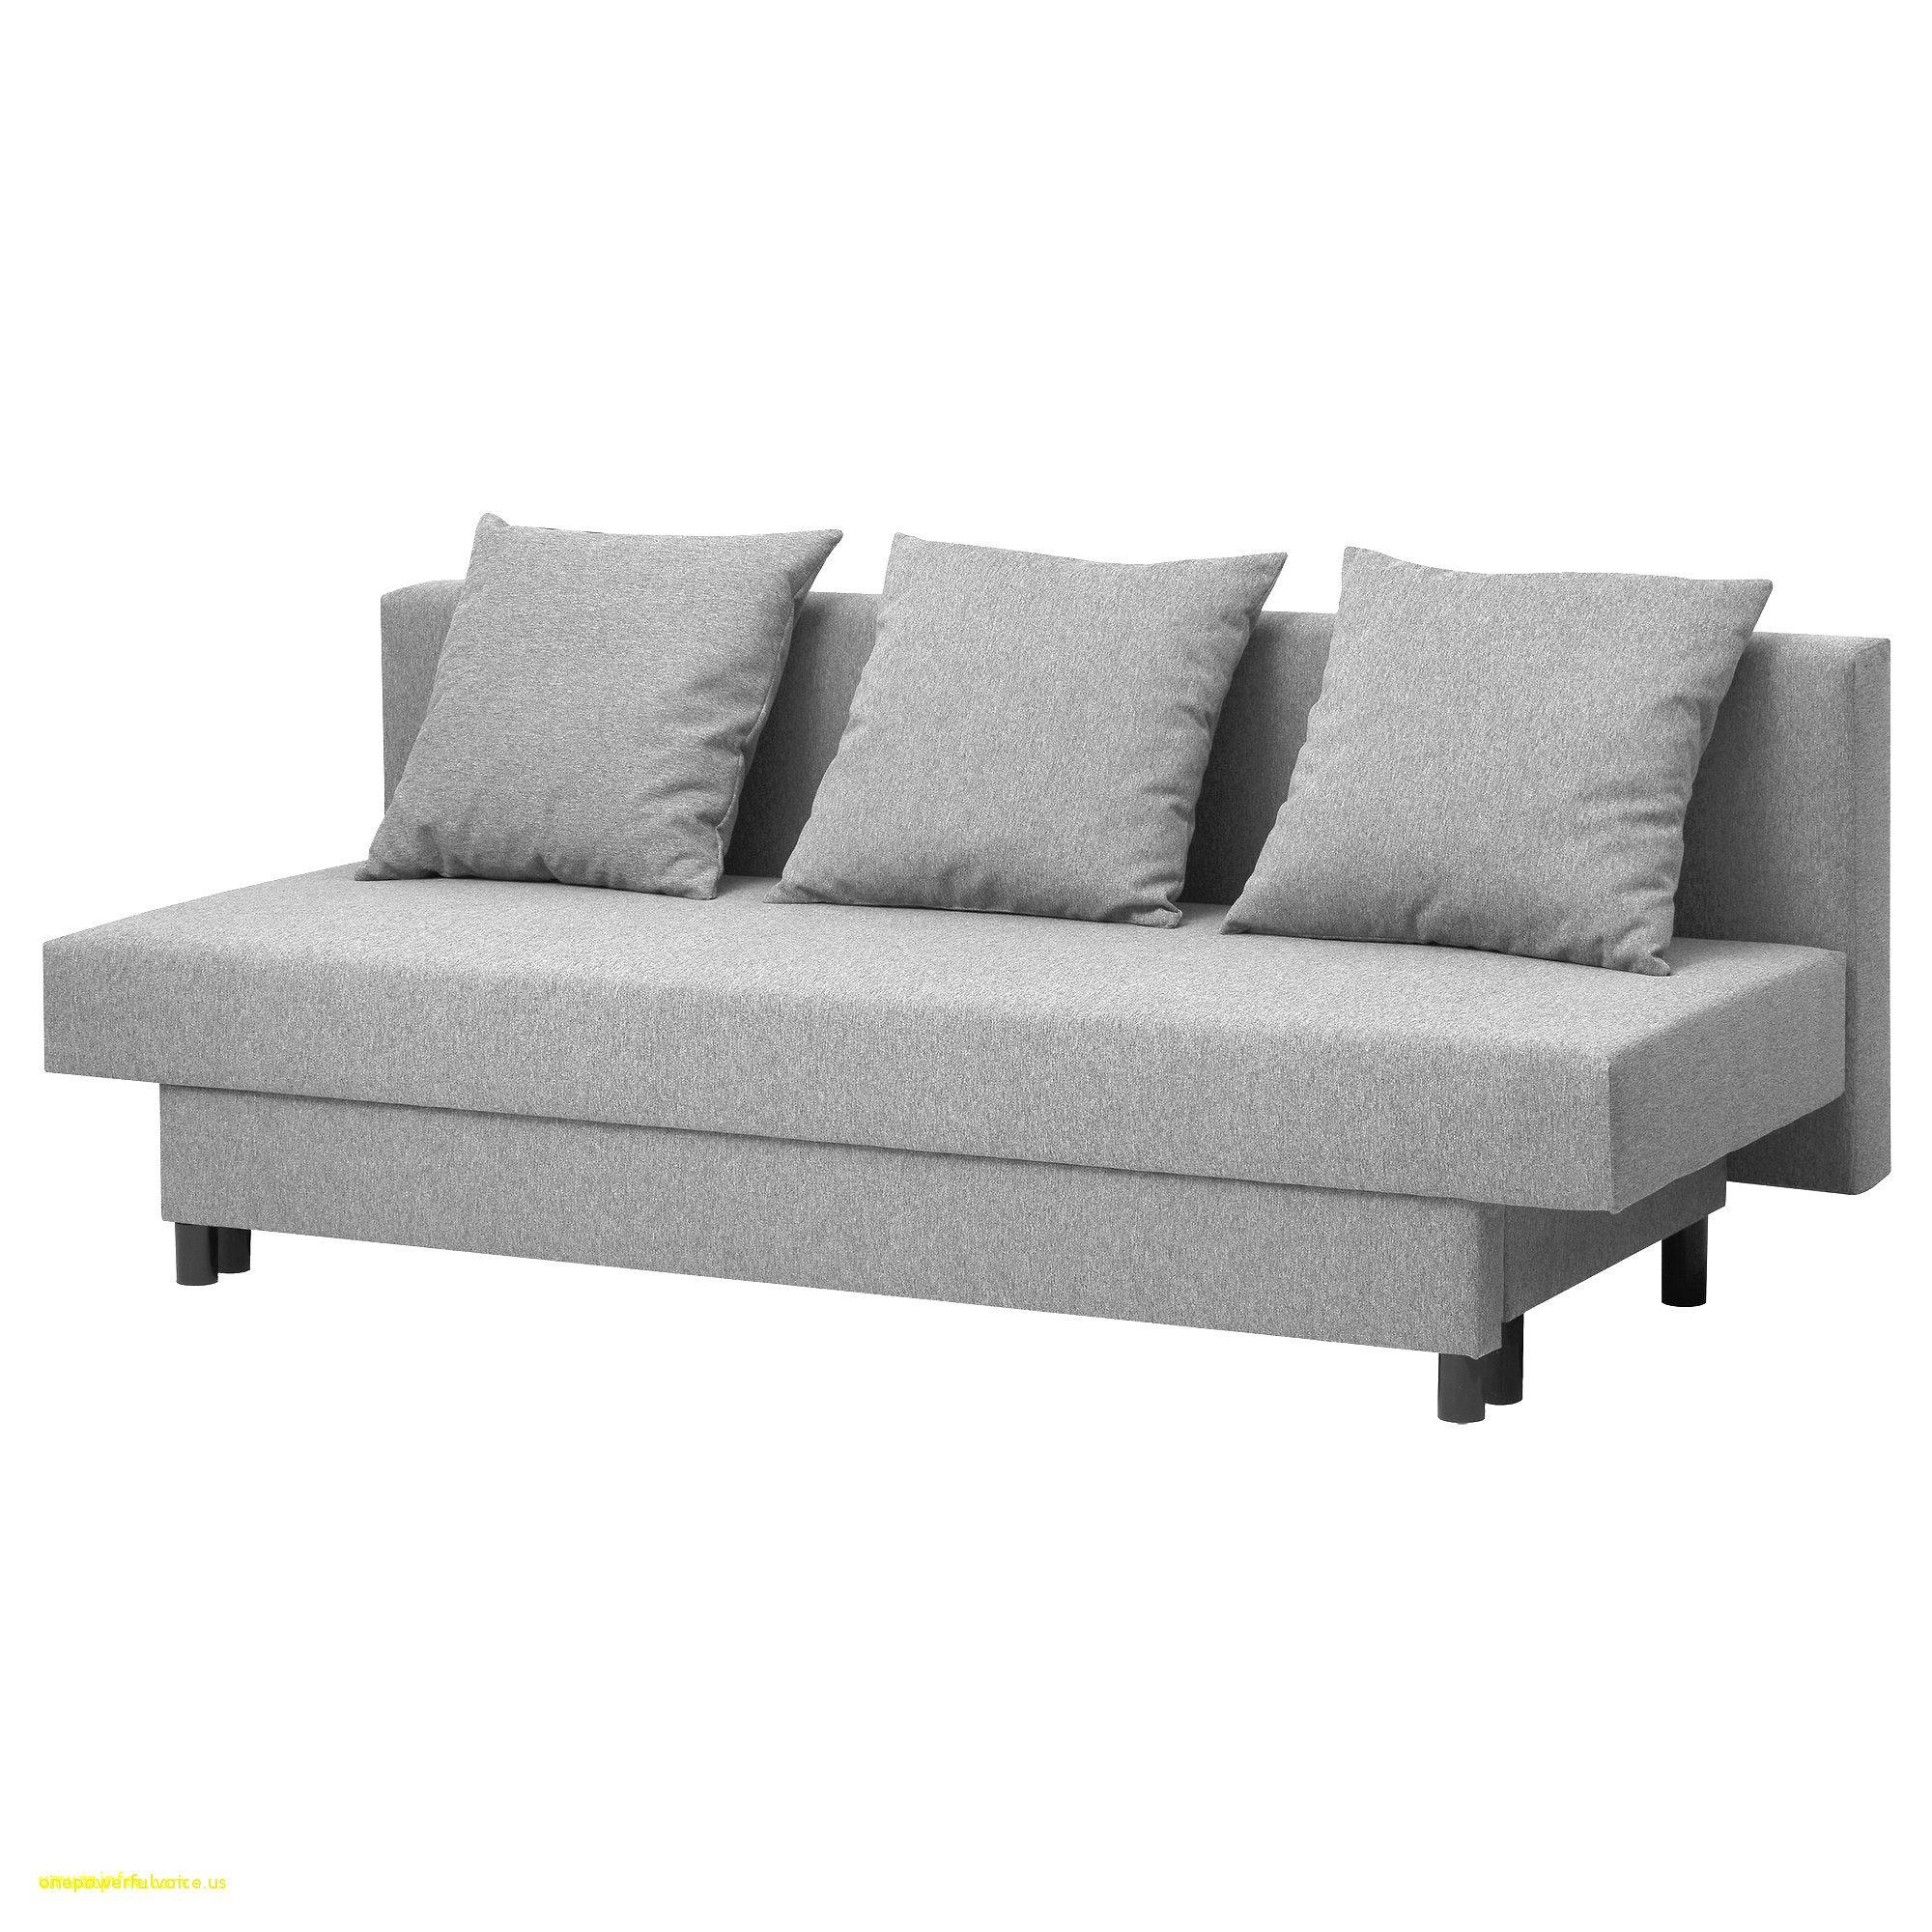 Canapé Lit Tiroir Inspiré 35 Impressionnant Canapé Lit Gigogne Ikea Idées